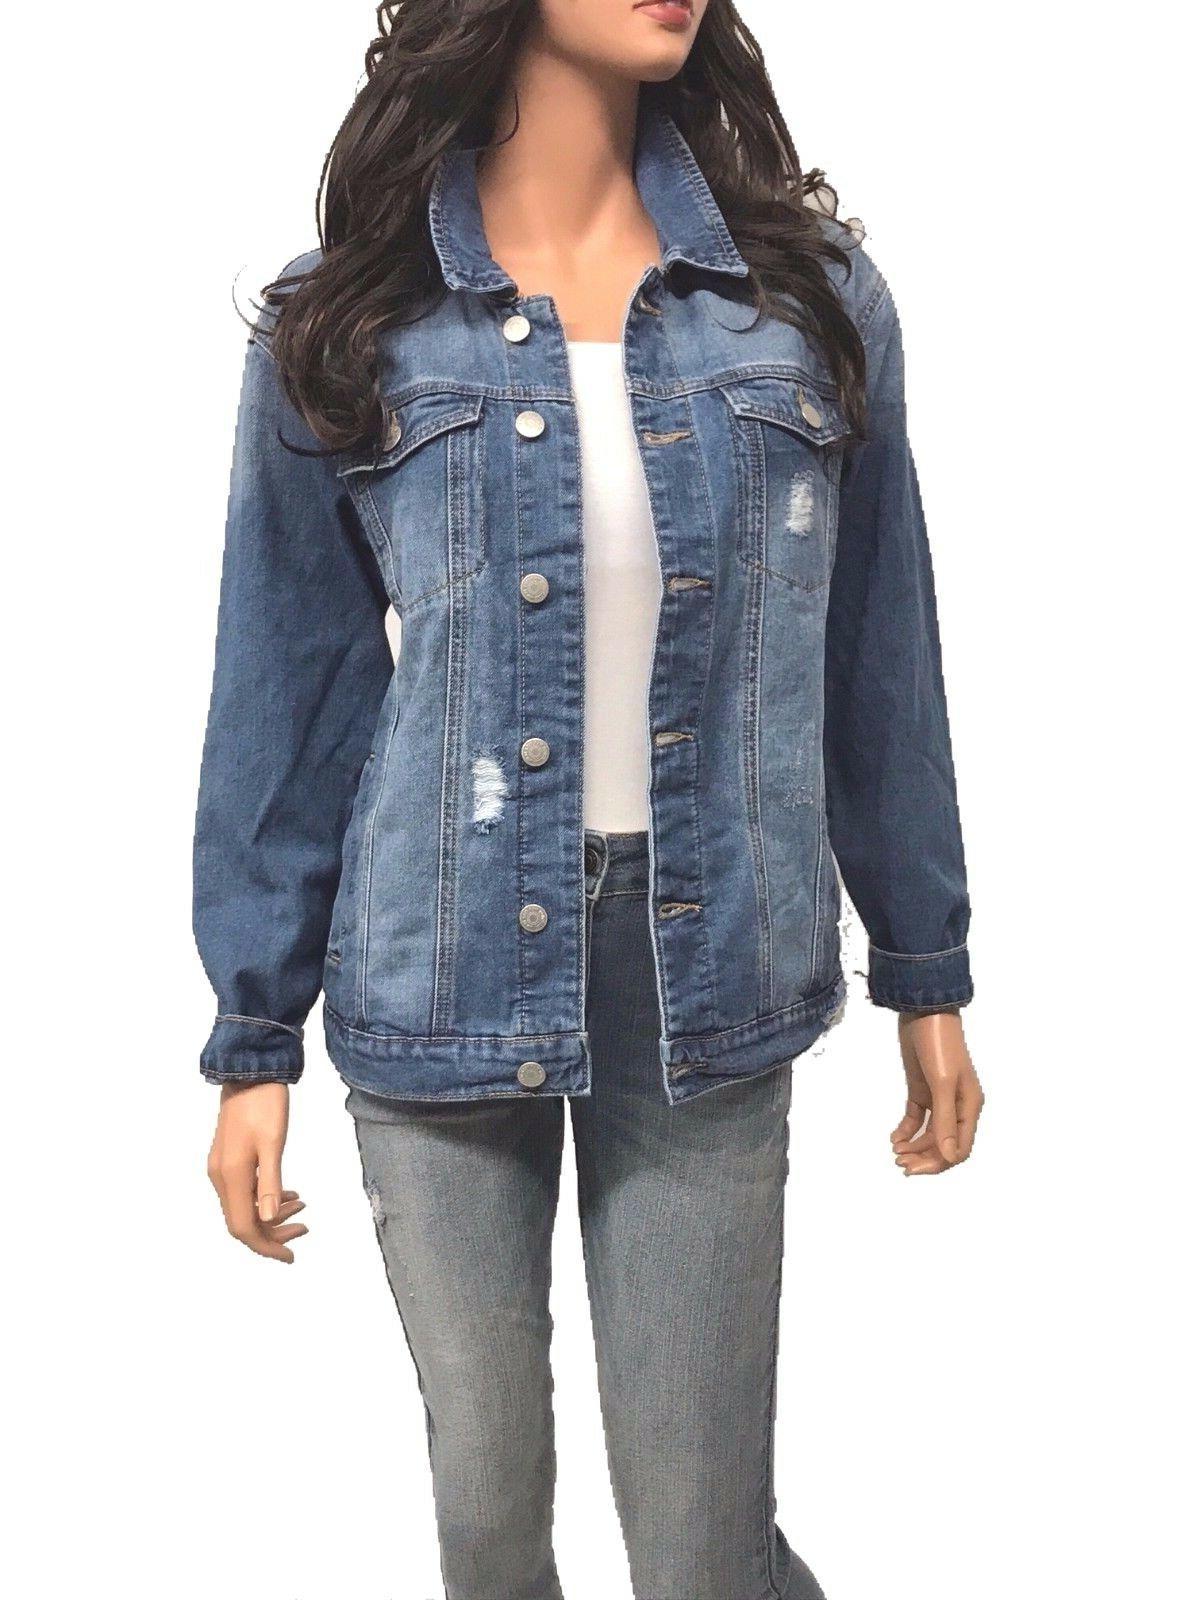 Women's Causal Loose Denim Jacket